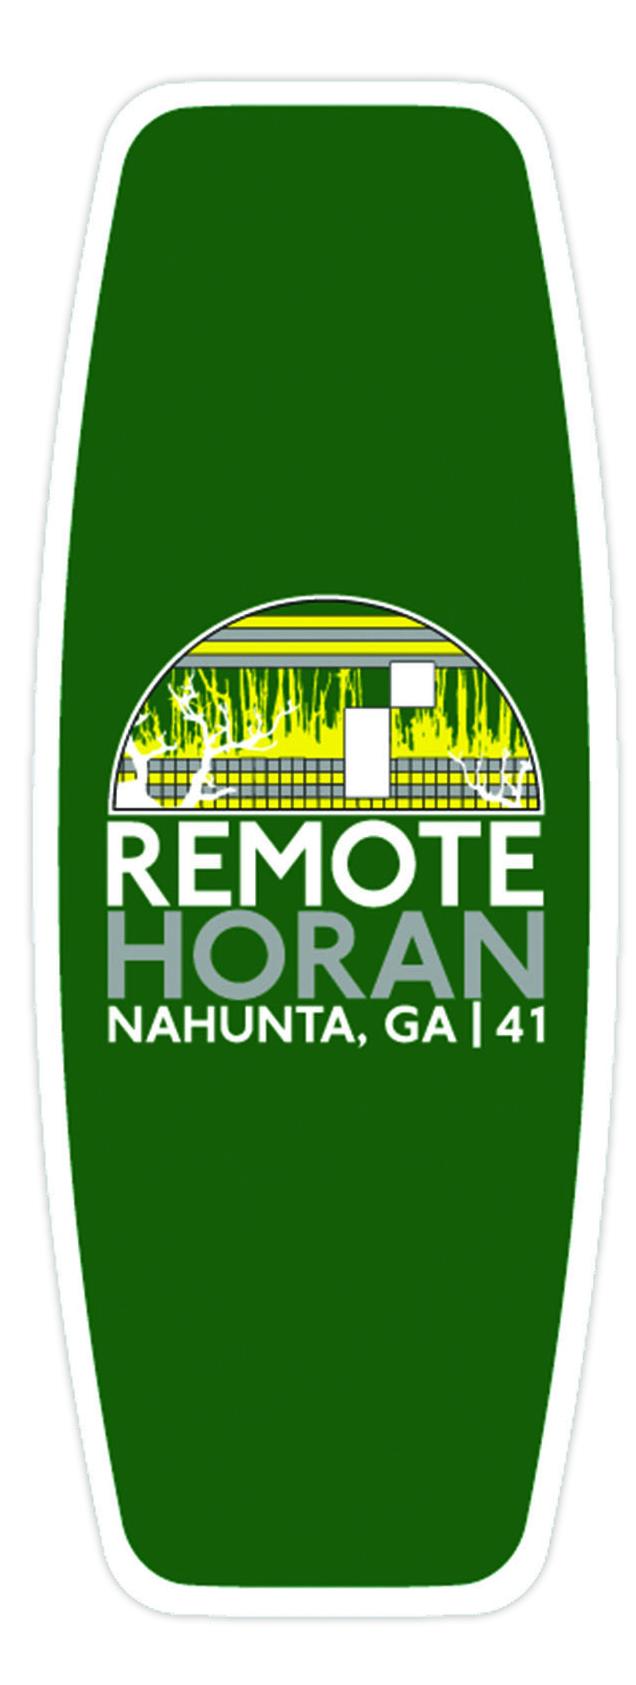 View Horan